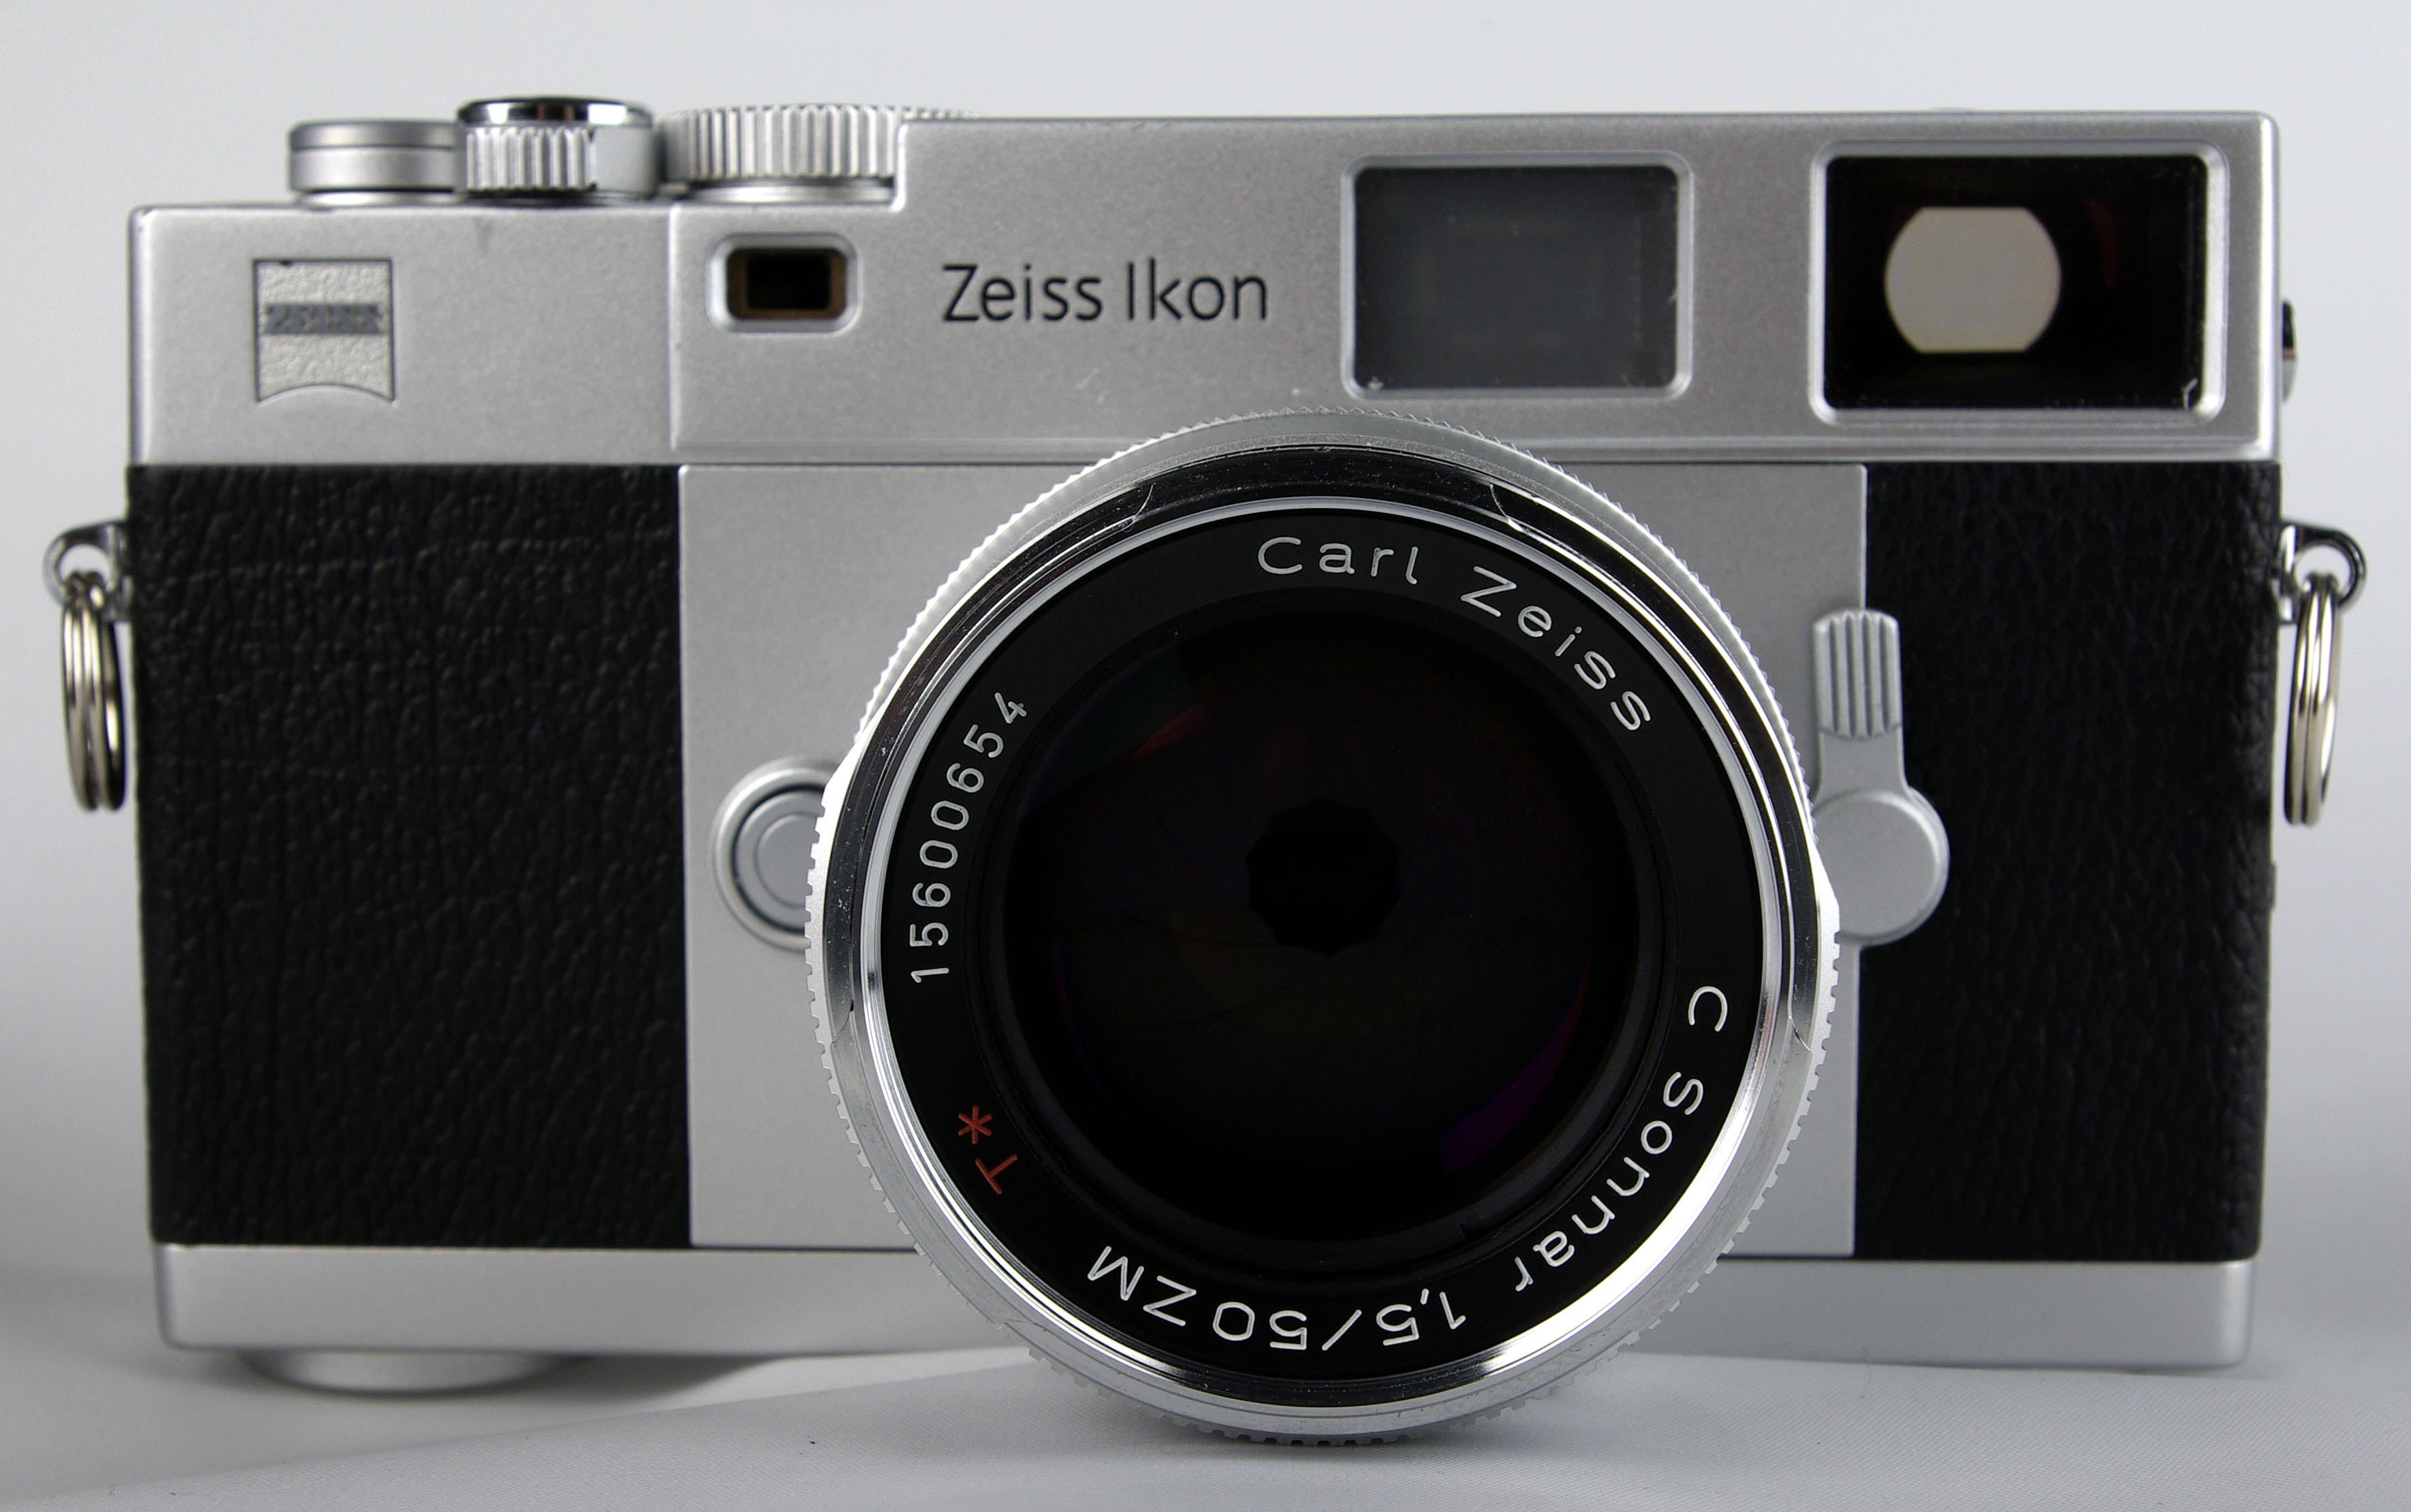 Zeiss Ikon Rangefinder Review